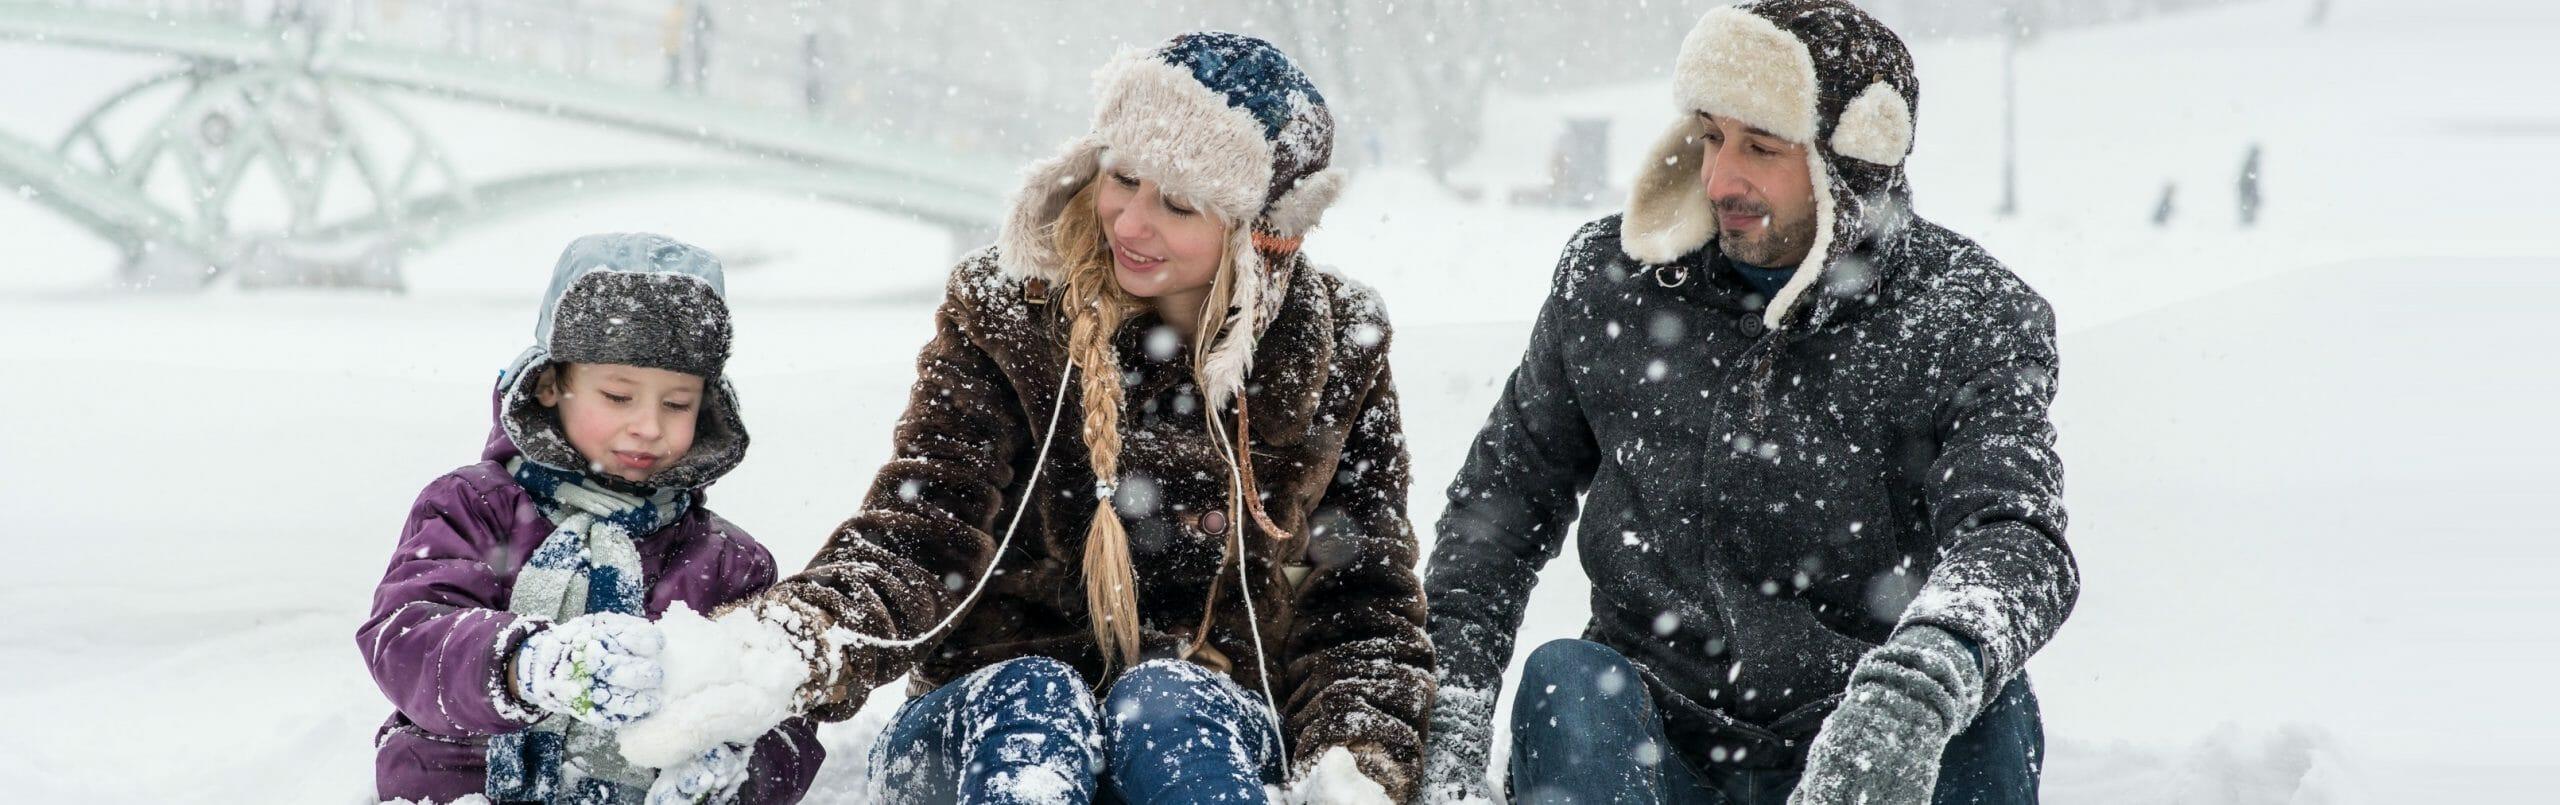 Wintersportvakantie schoolvakantie europa